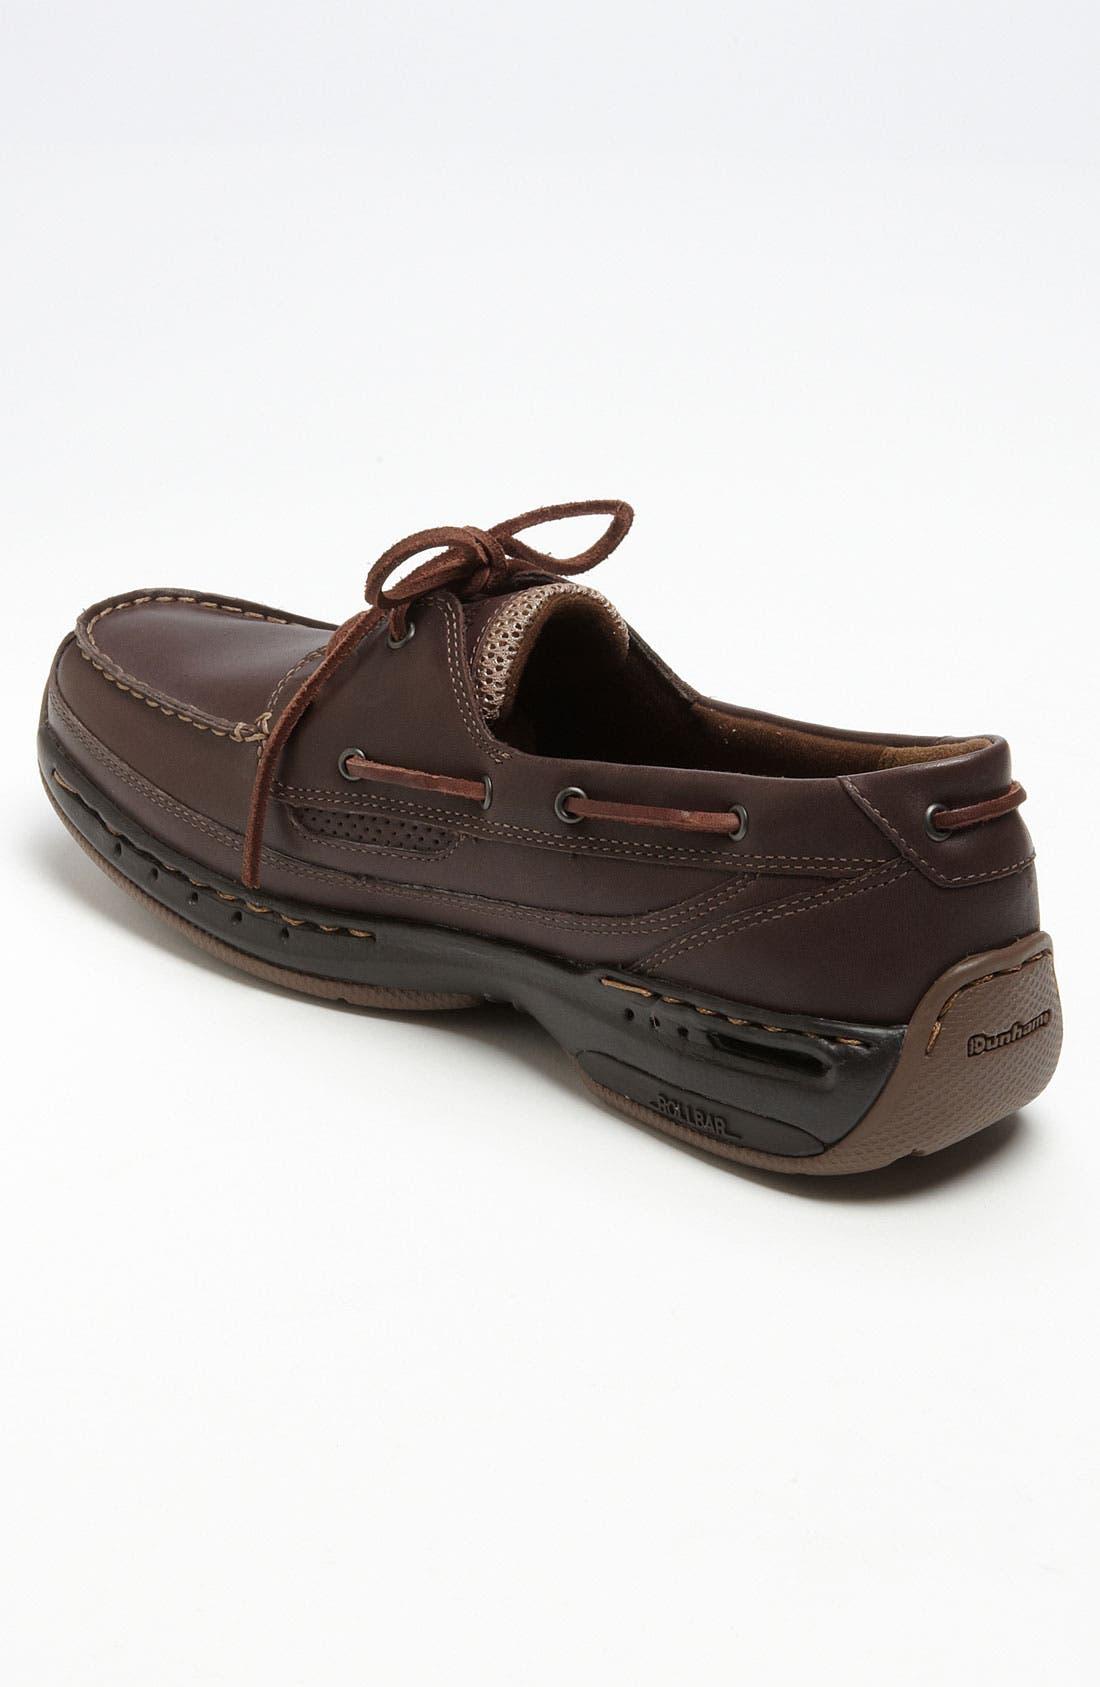 Alternate Image 2  - Dunham 'Shoreline' Boat Shoe (Online Only)